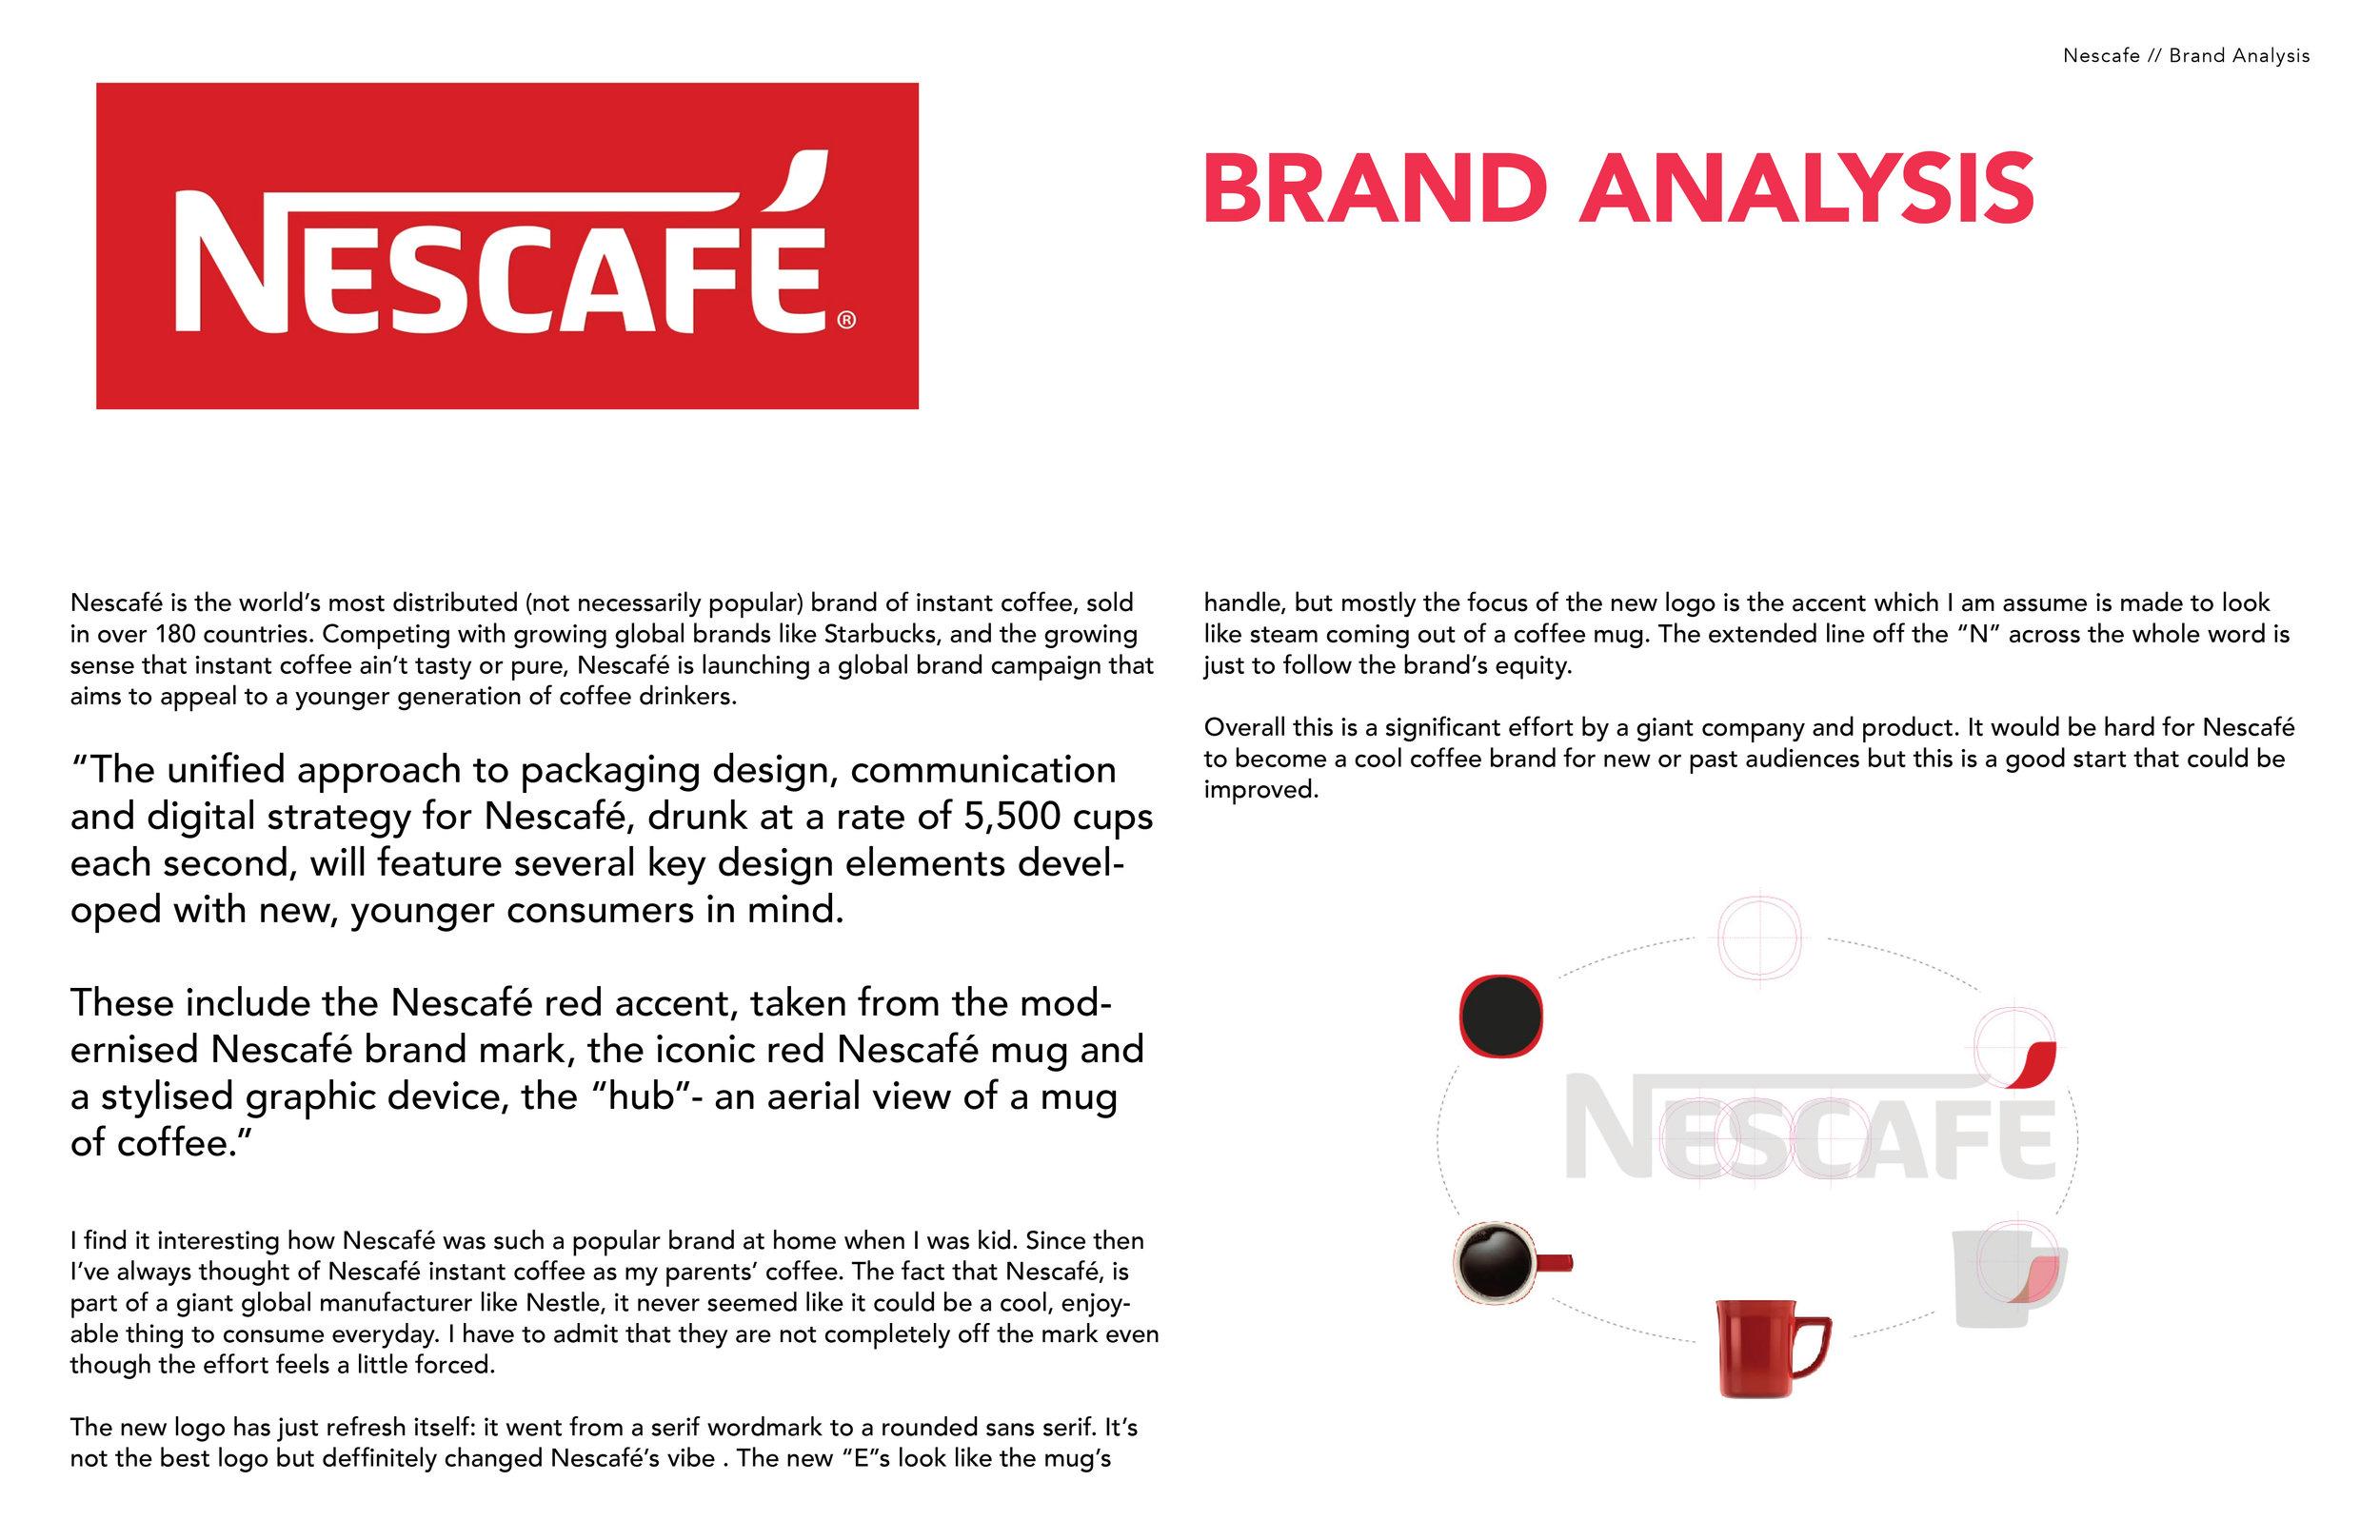 brand analysis6.jpg